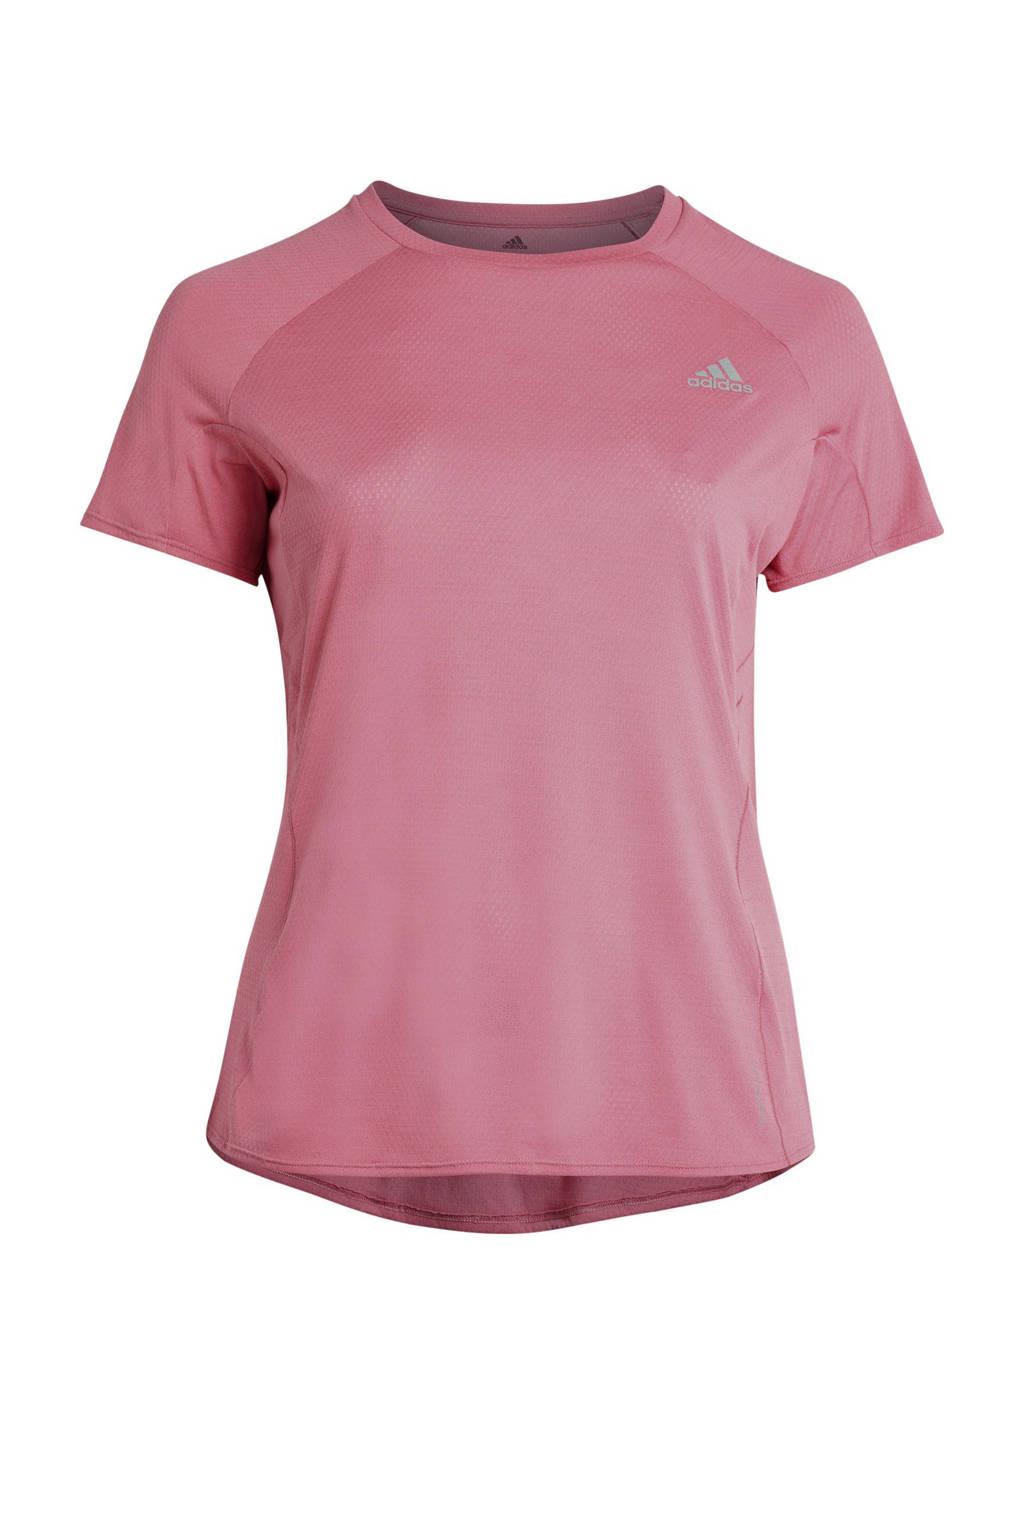 adidas Performance Plus Size hardloop T-shirt roze, Roze